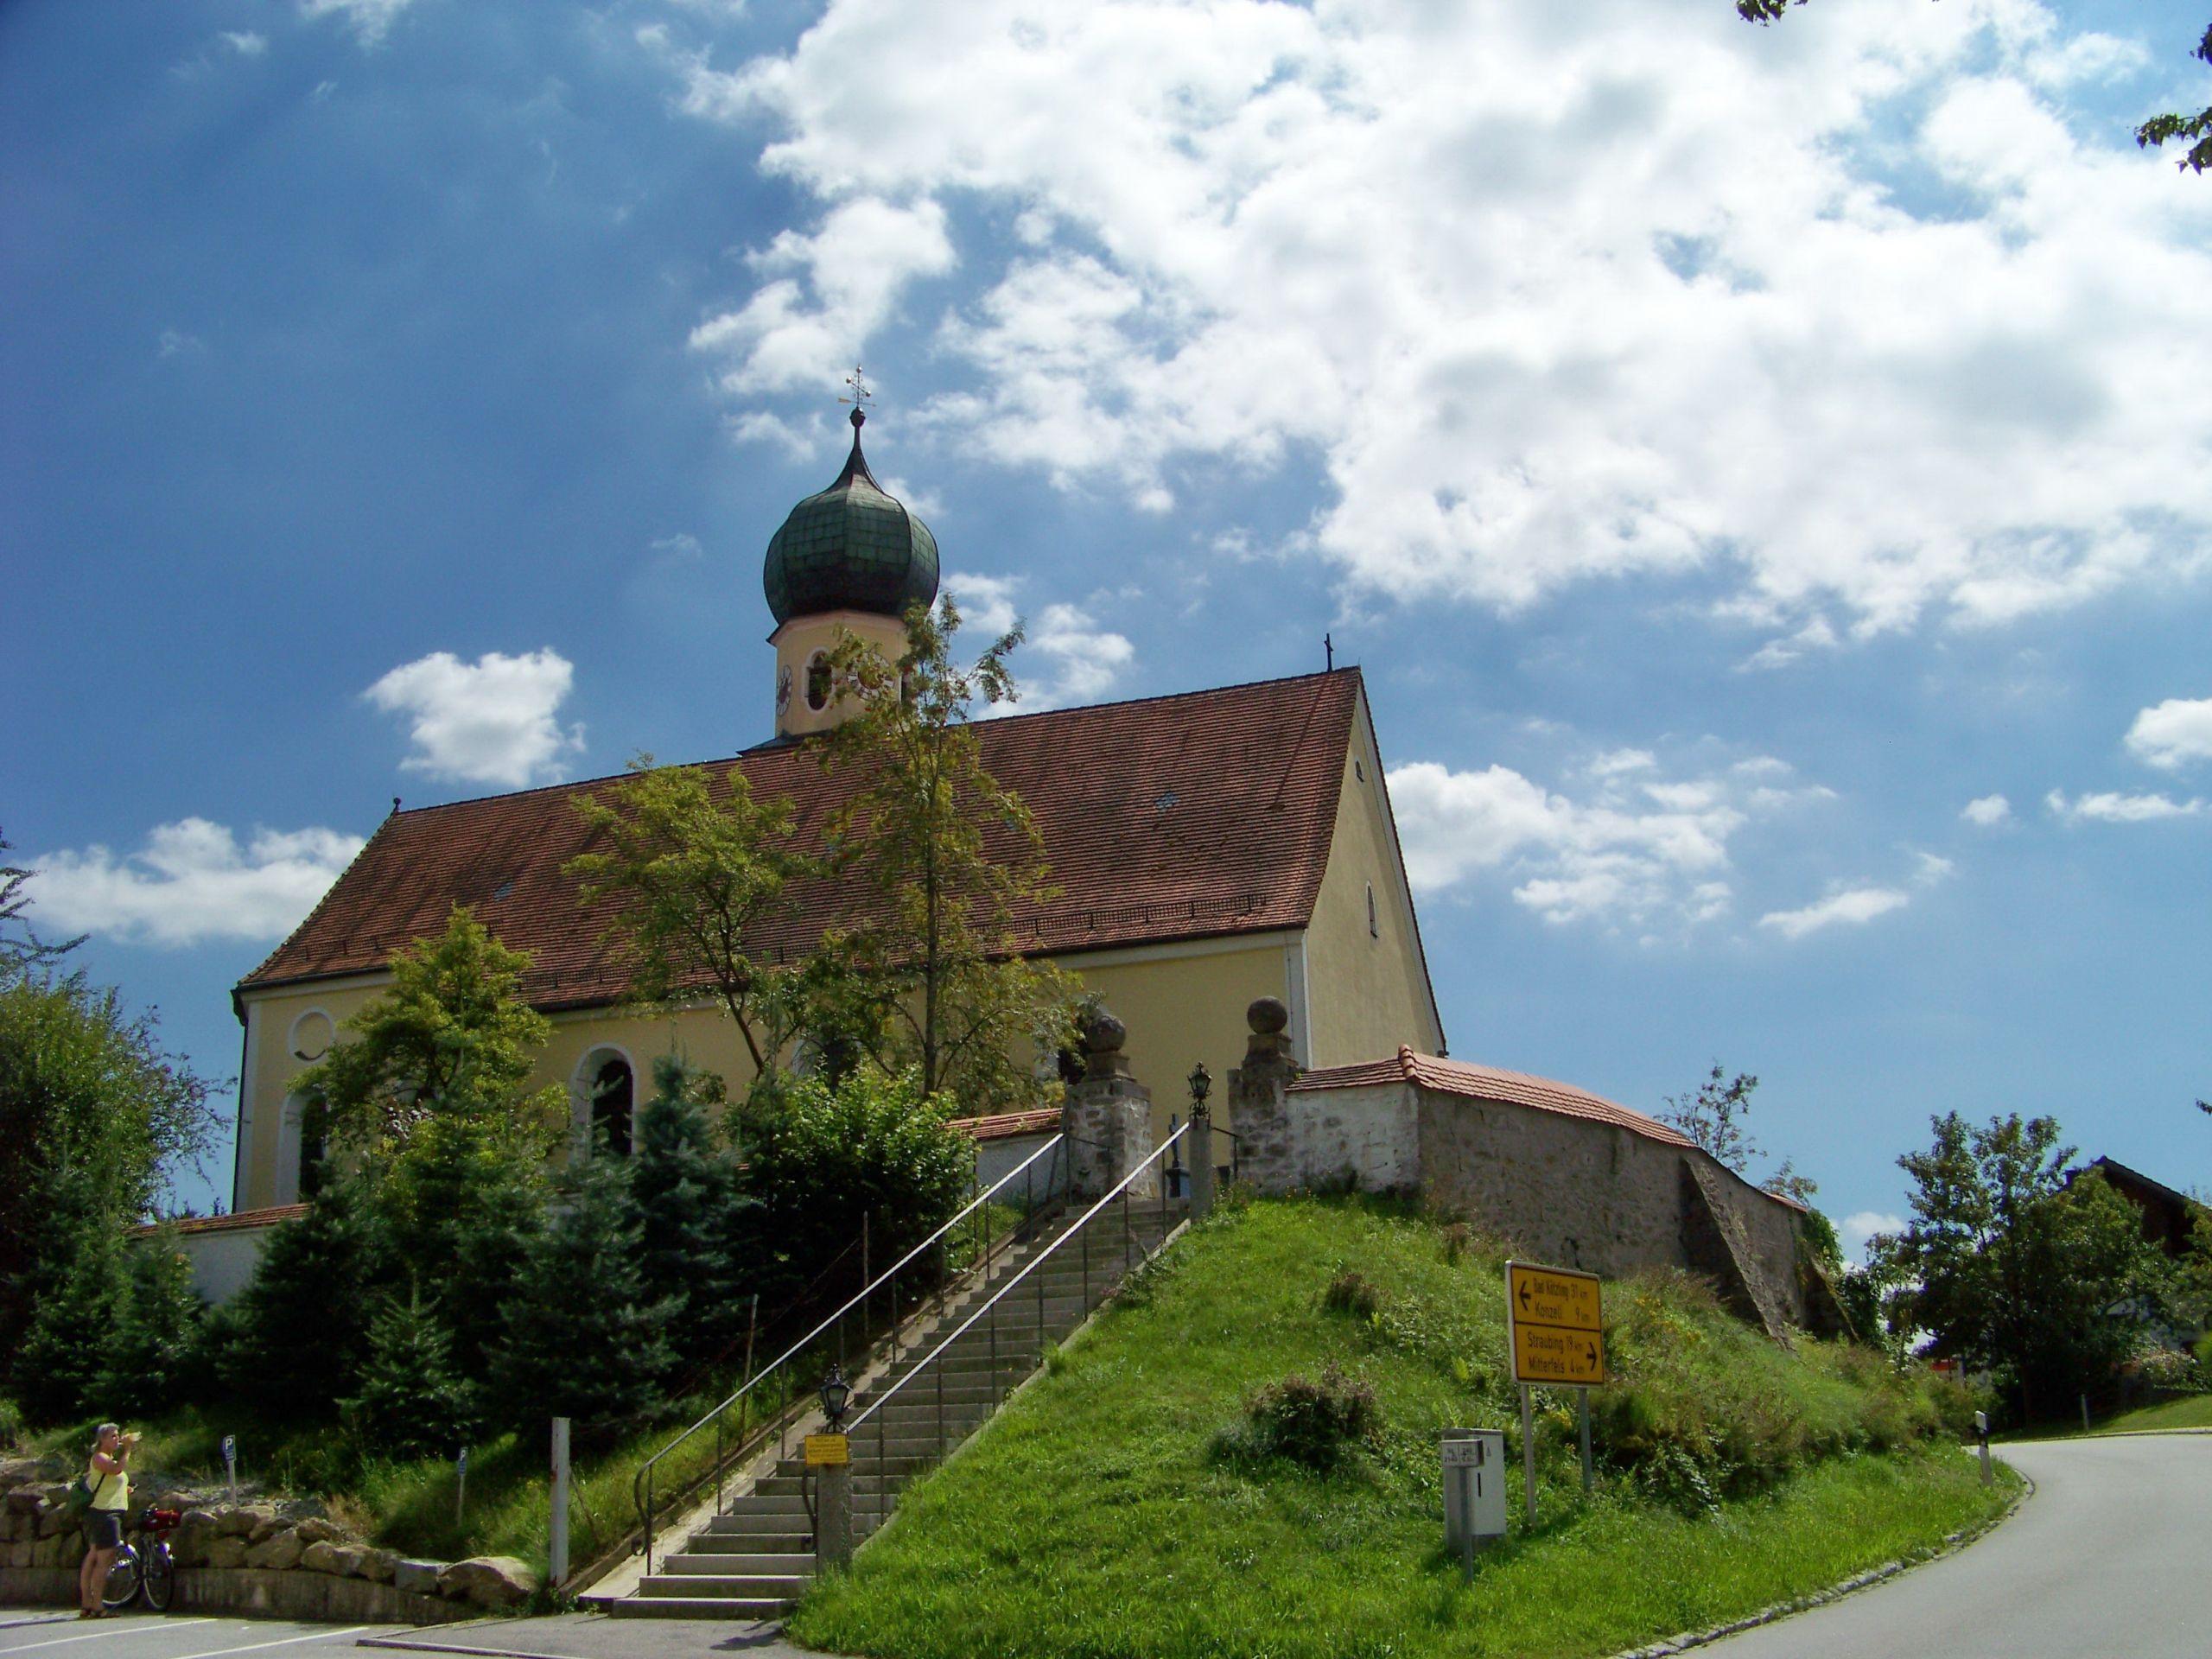 Haselbach Straubinger Straße 17 Kirche Sankt Jakobus Nordansicht